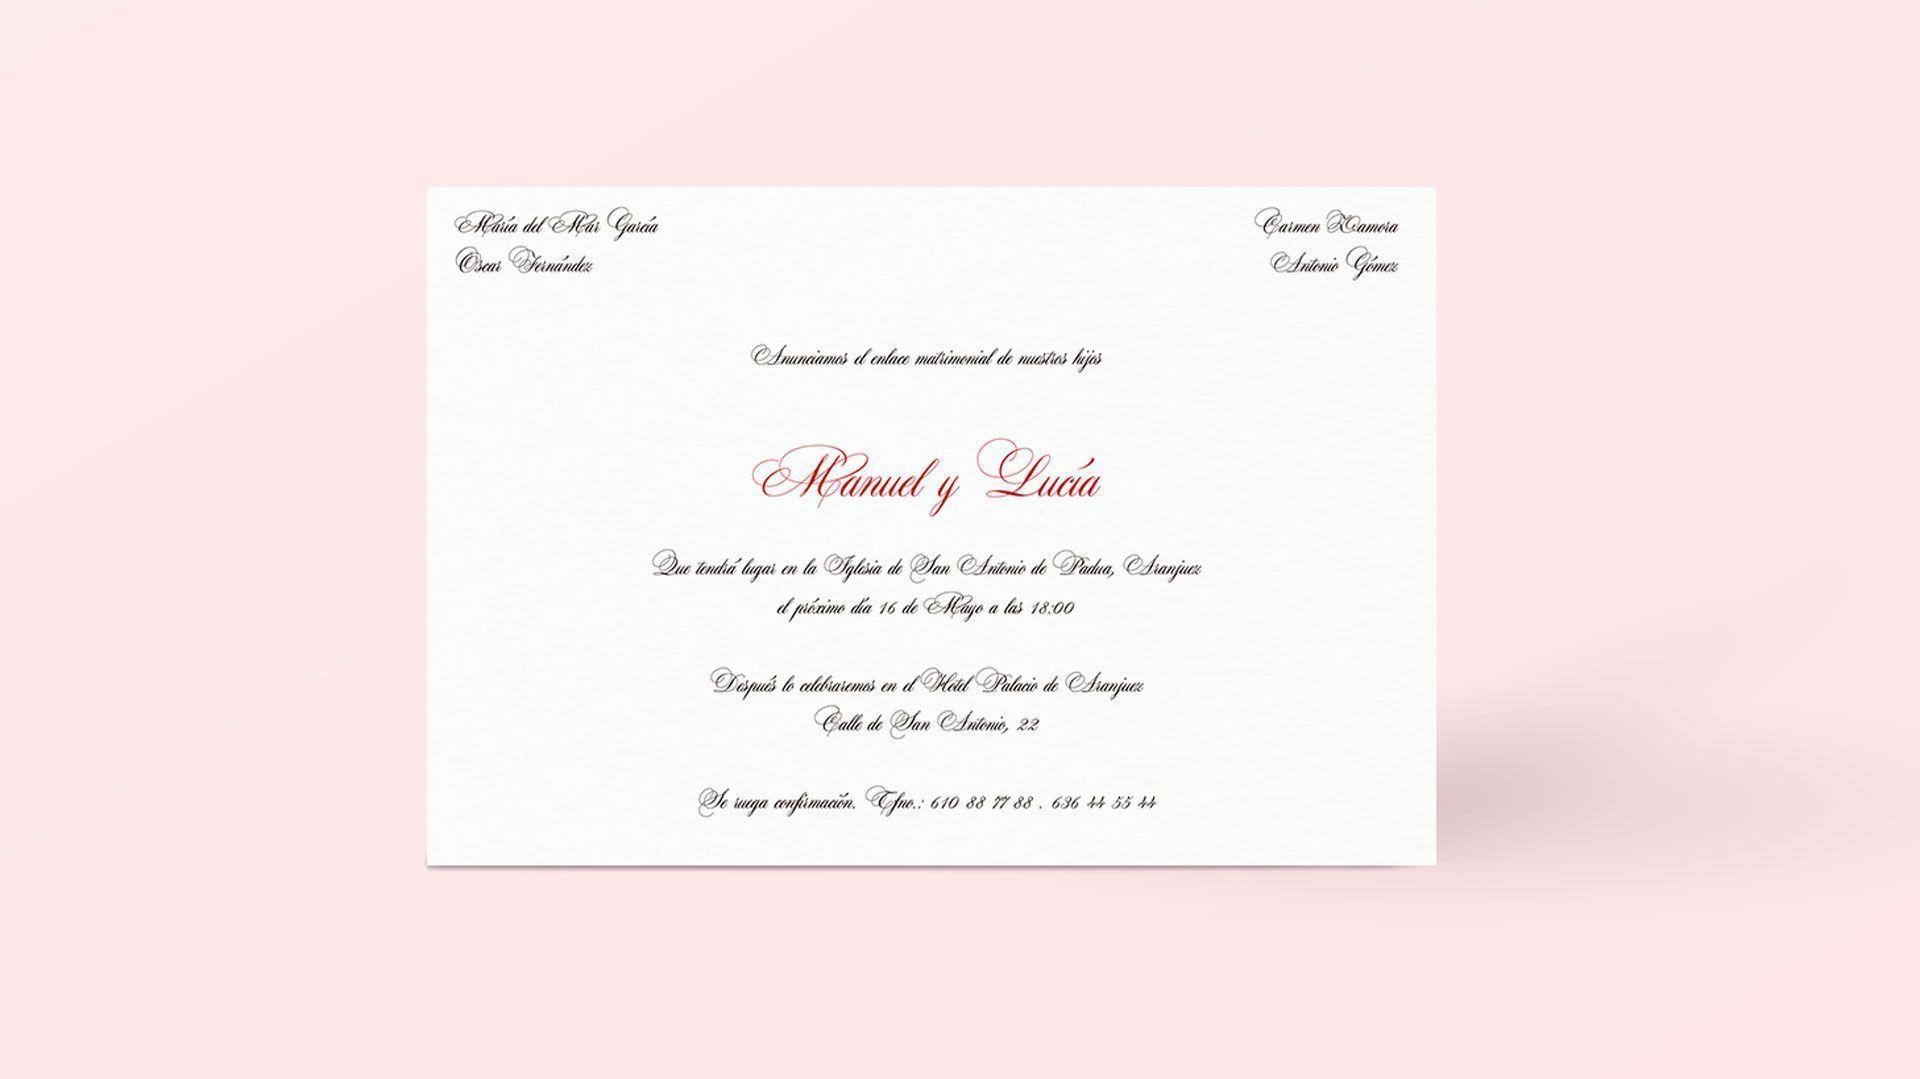 invitacion de boda dos terrones con pattern de acuarela fresas de aranjuez clasica y moderna